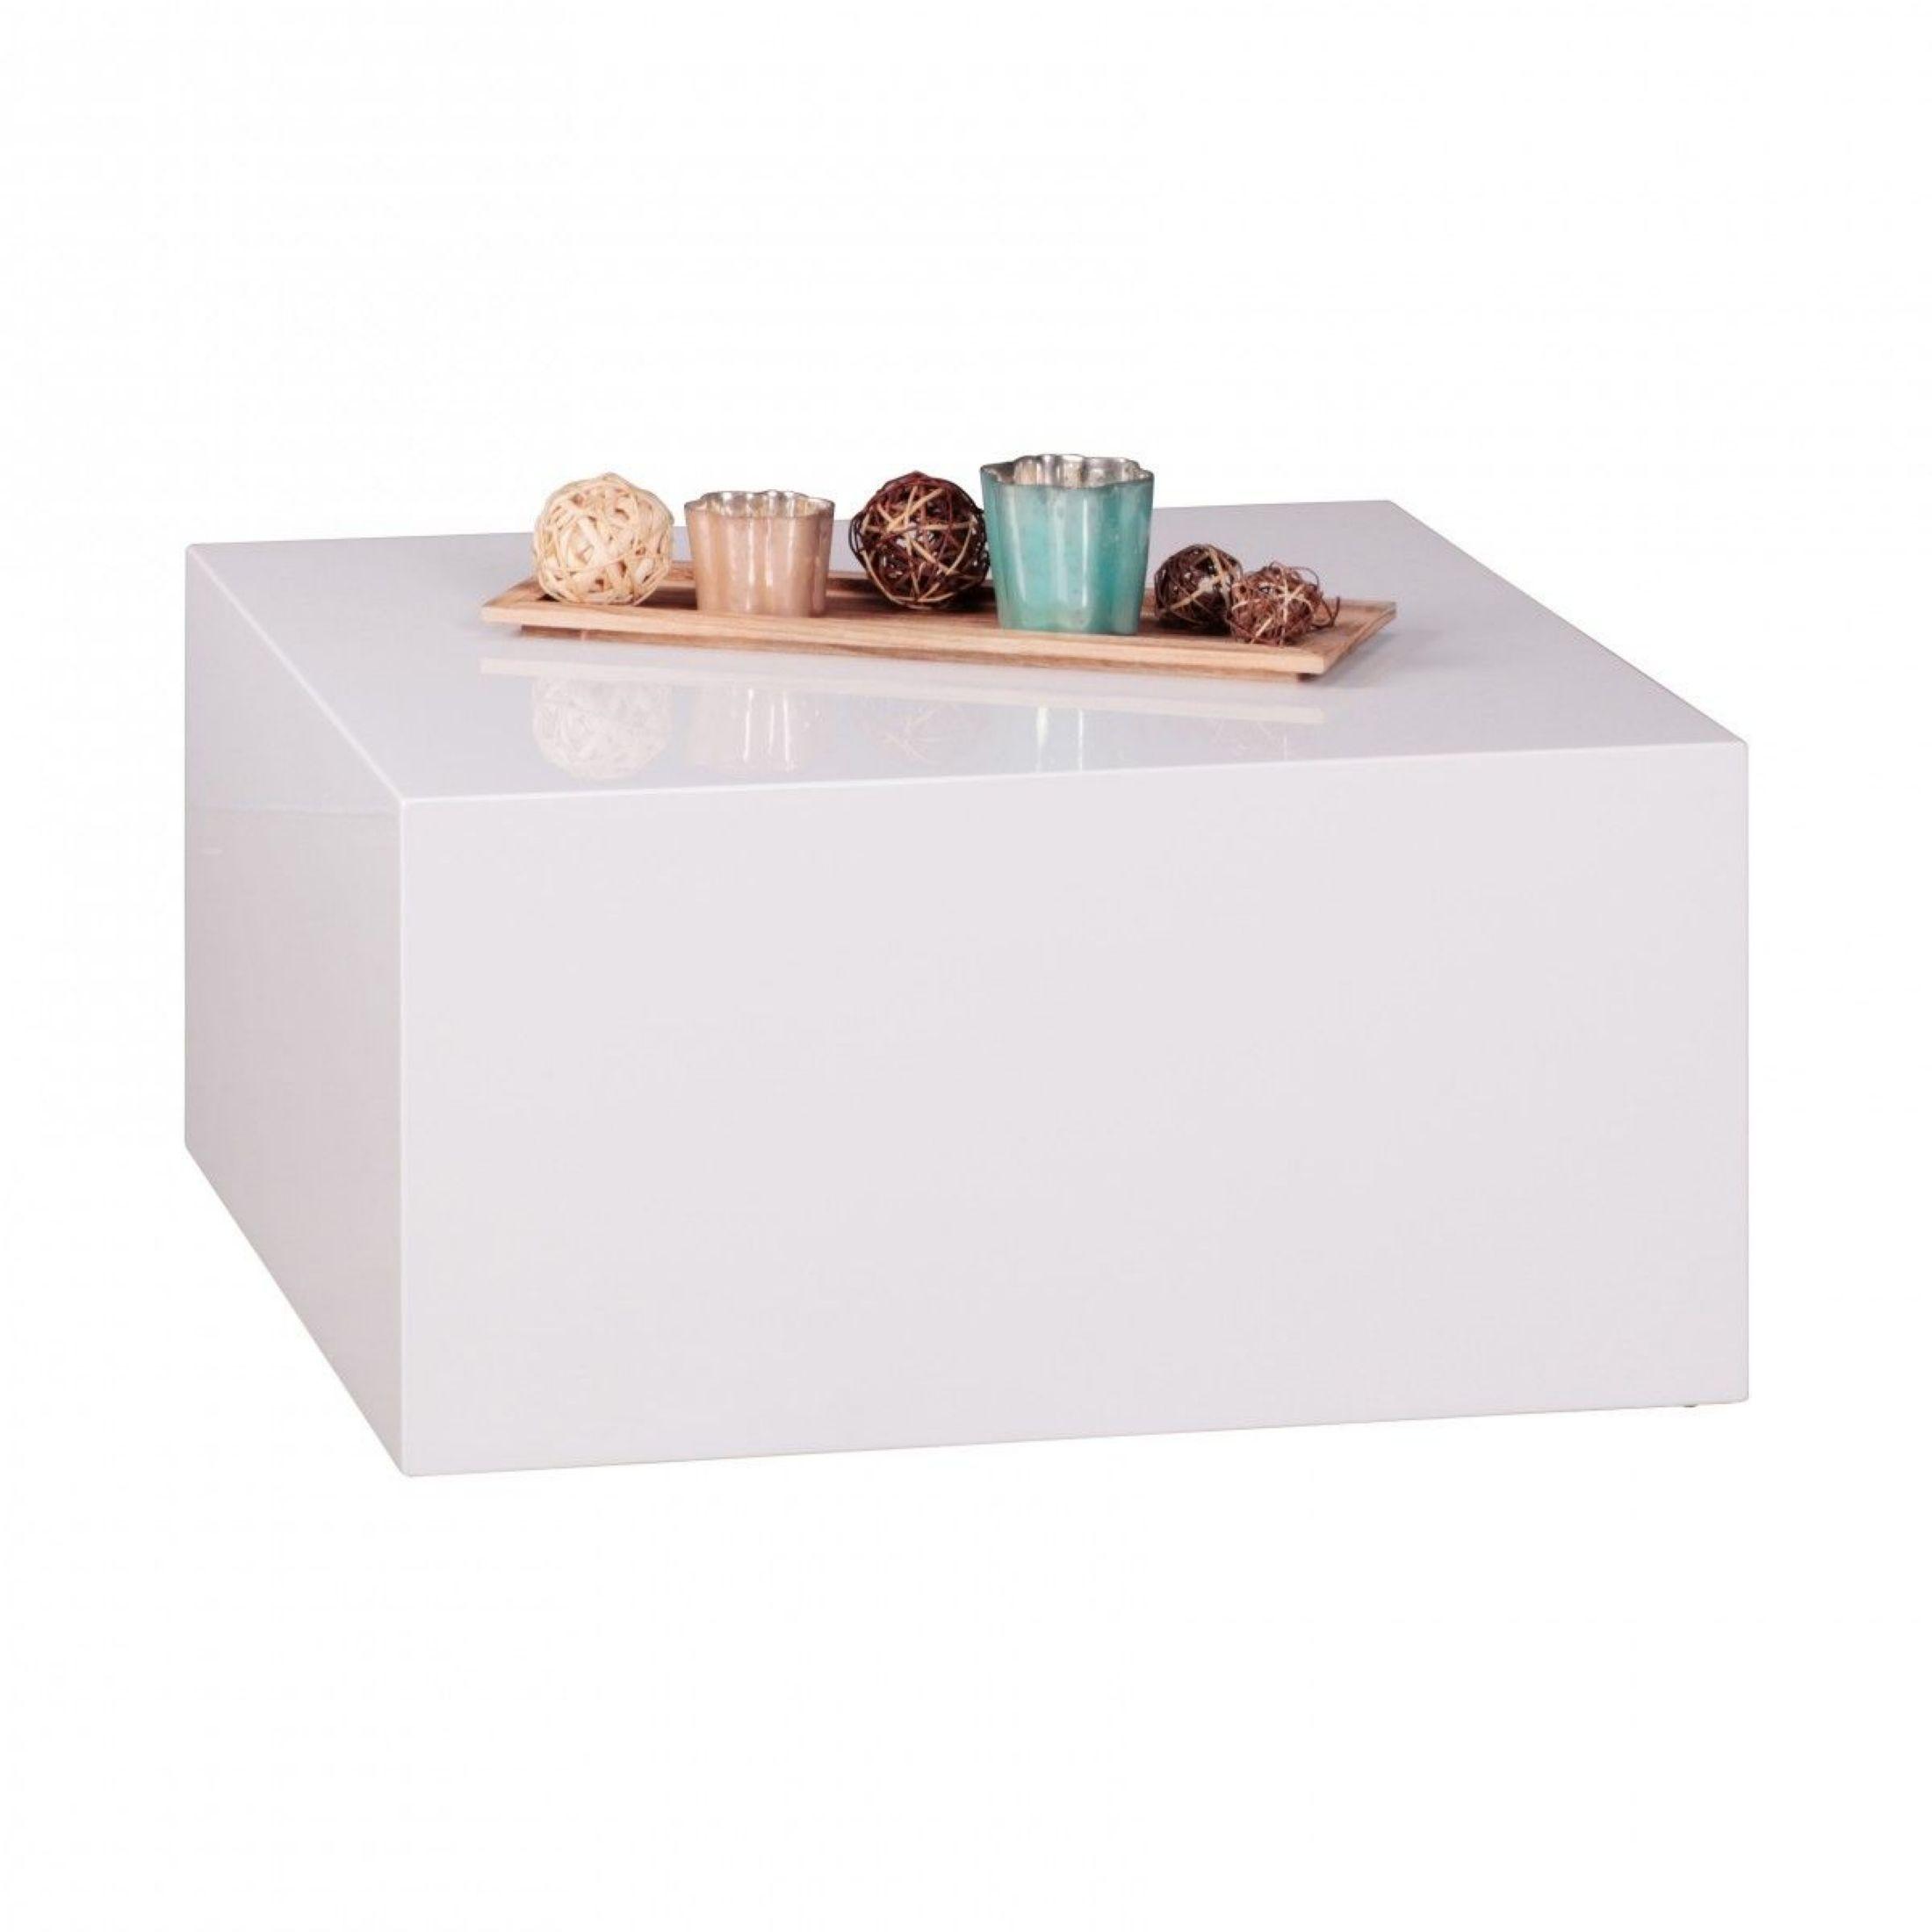 Couchtisch In Weiss Hochglanz 60 X 60 Cm Woody 197 00193 Holz Modern Jetzt  Bestellen